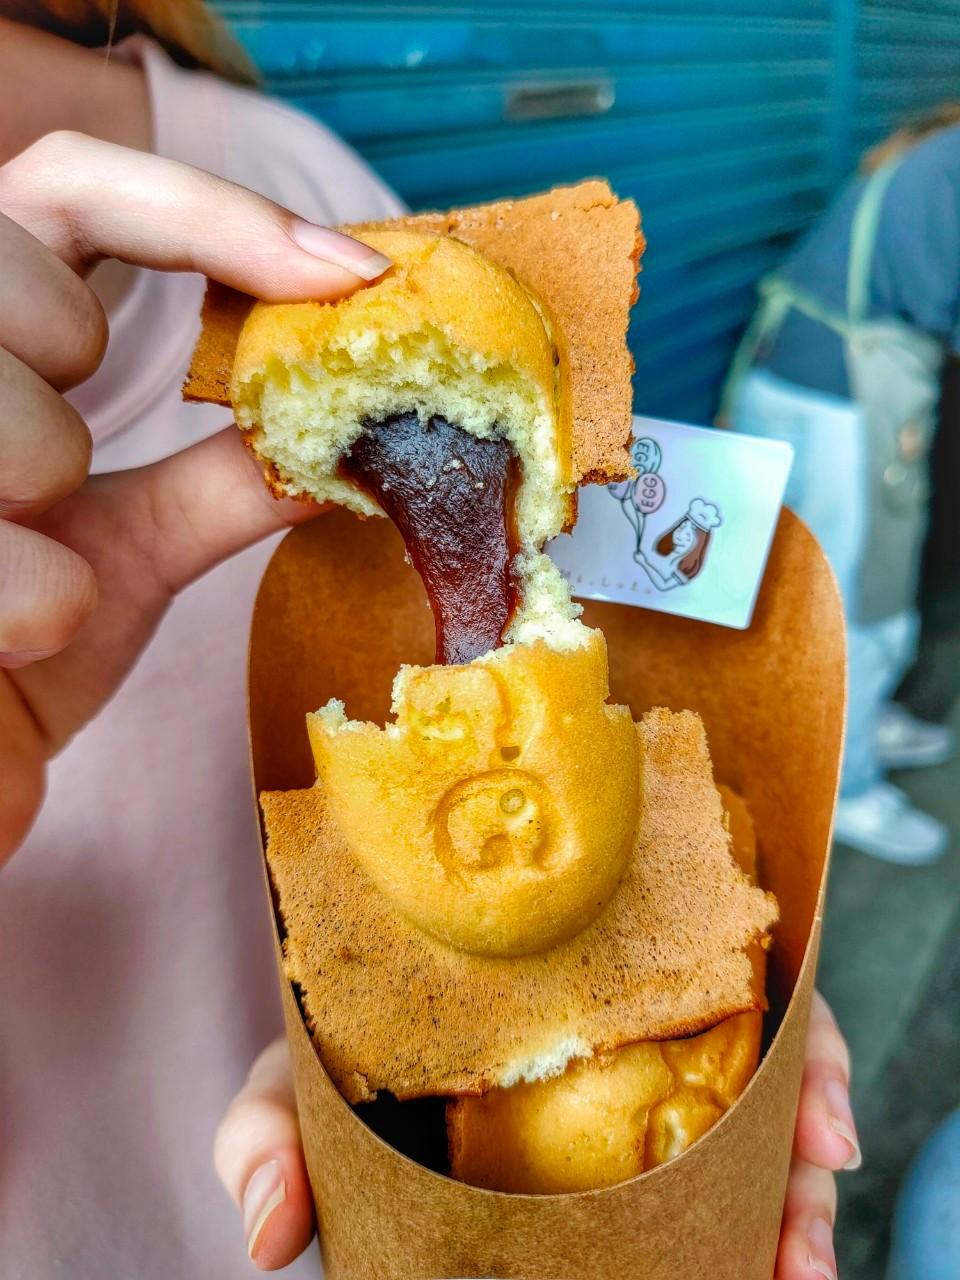 IG,LULU雞蛋糕,三杯米血,創意雞蛋糕,大溪下午茶,大溪美食,小吃,抹茶奶酥,皮蛋,麻油雞 @民宿女王芽月-美食.旅遊.全台趴趴走